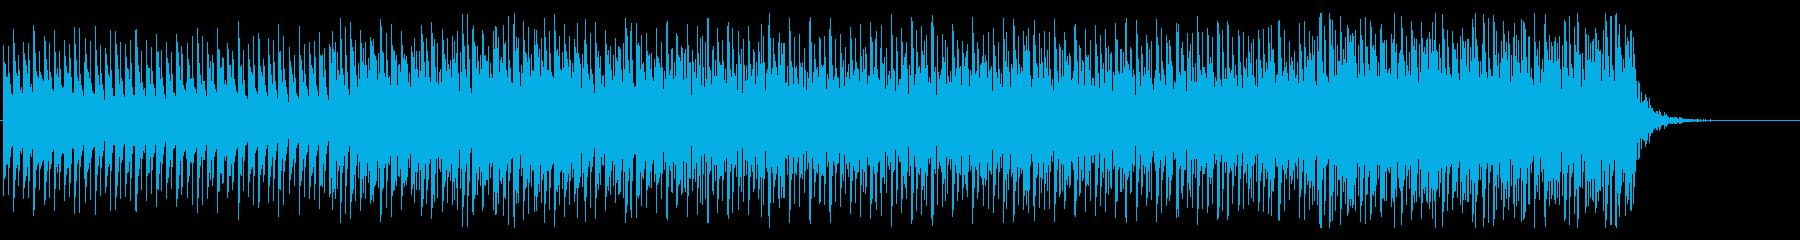 複雑でリズミカルなシンセBGMの再生済みの波形